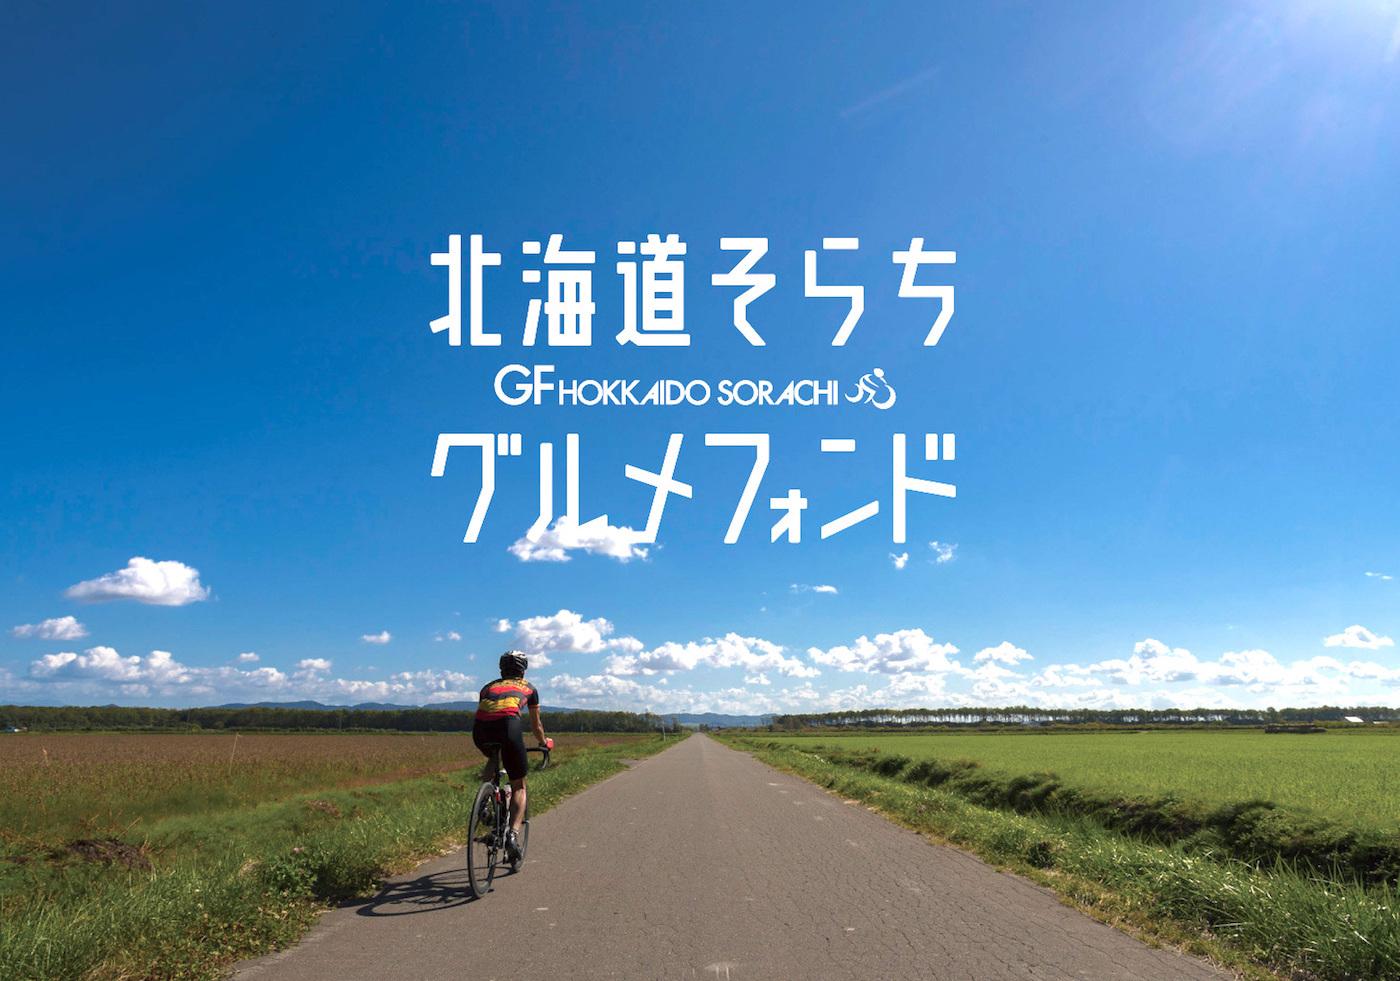 sorachi_poster_b_20180410212158fe3.jpg